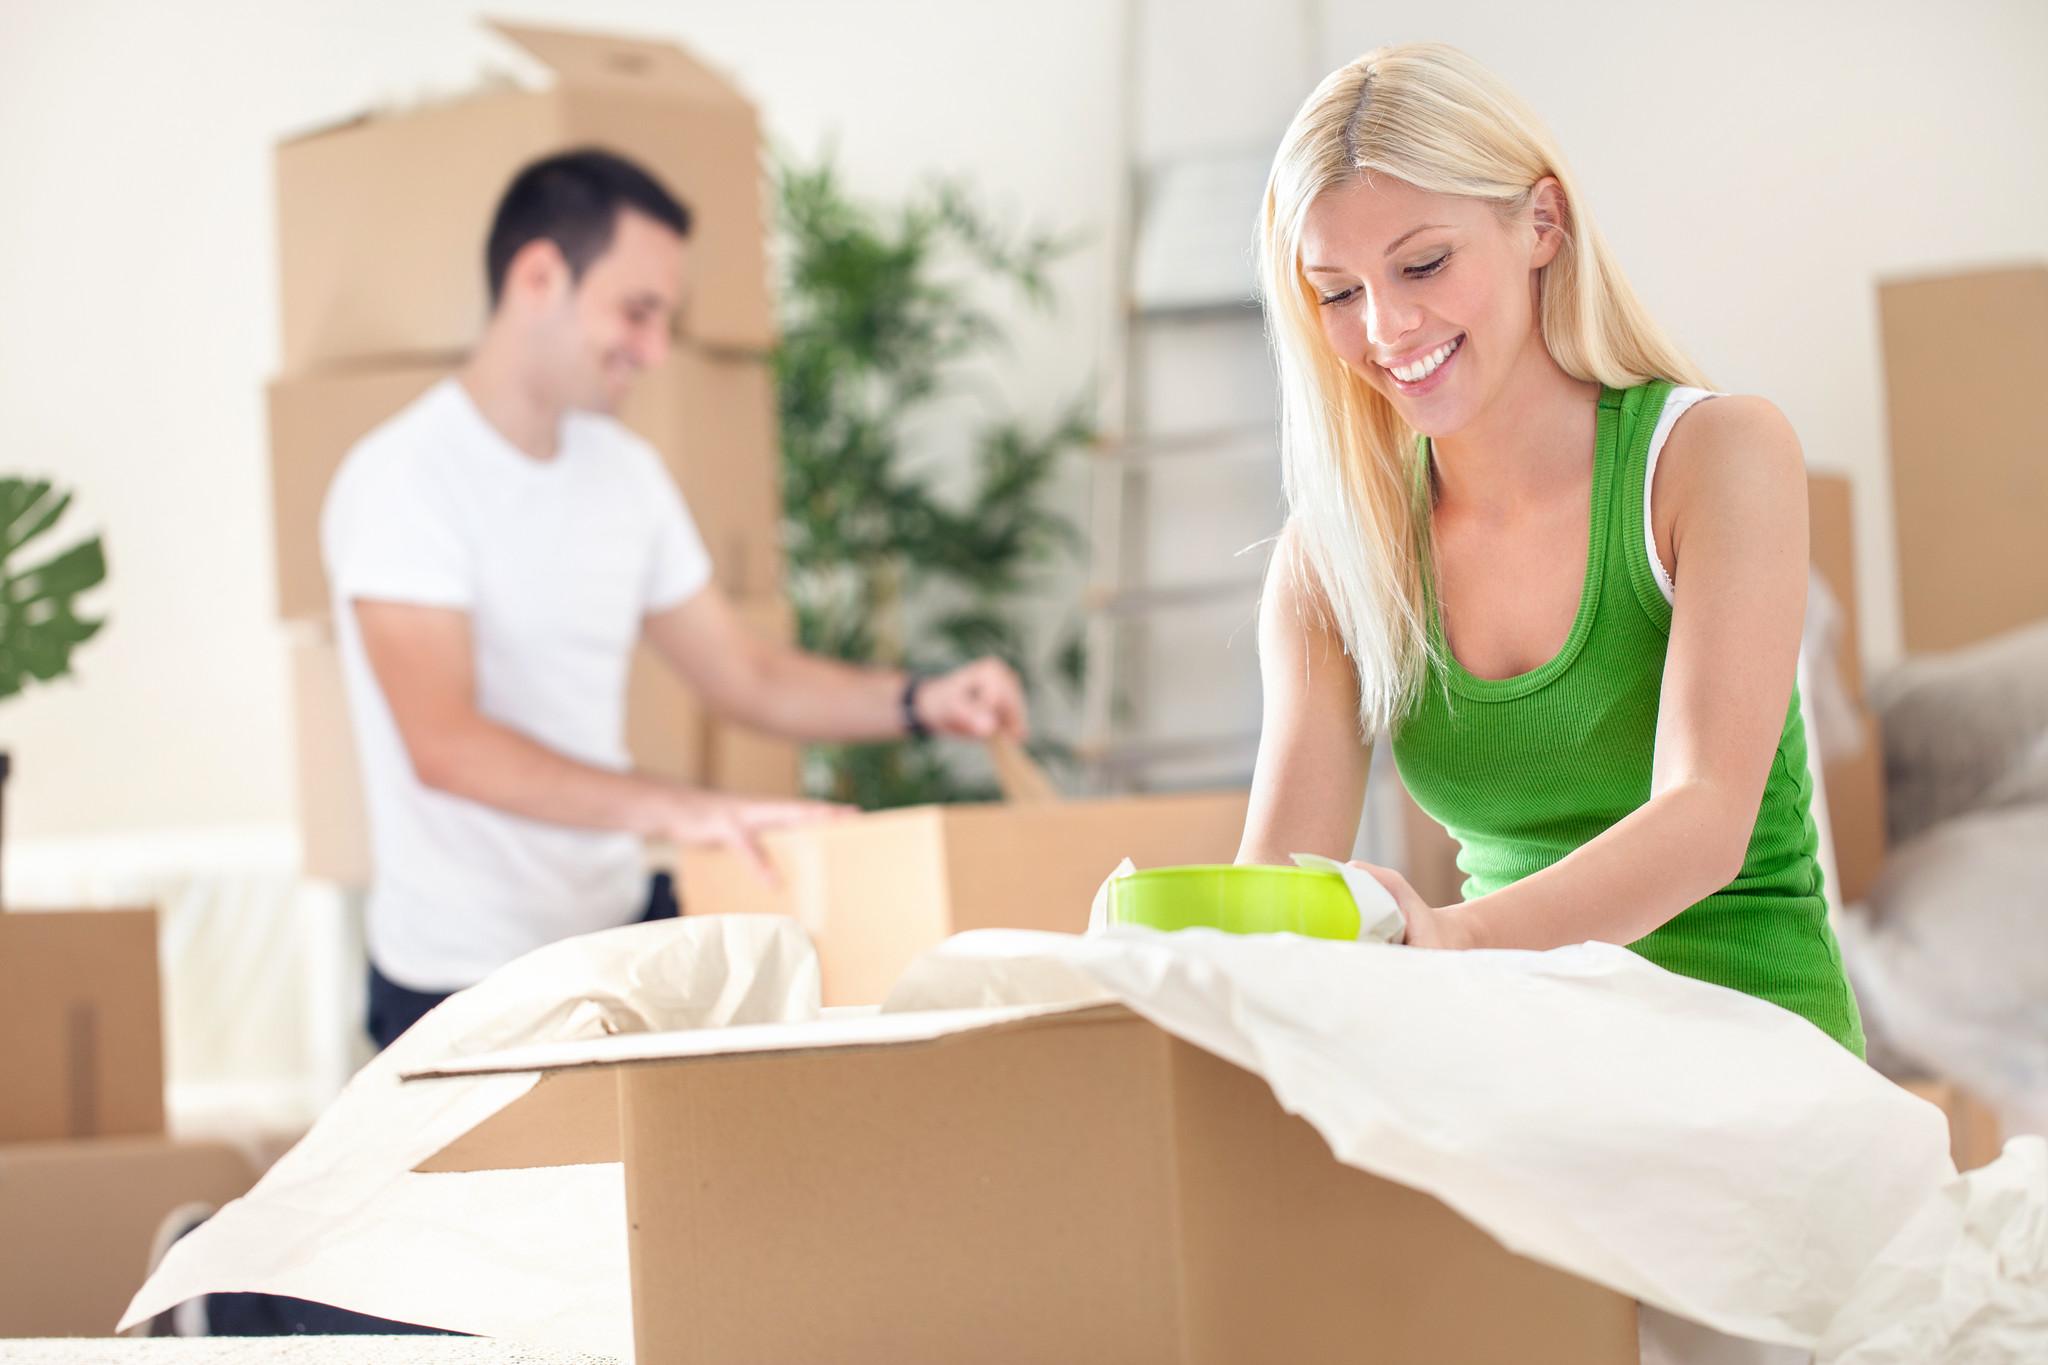 Goedkoop verhuizen: Bespaartips voor een laag budget